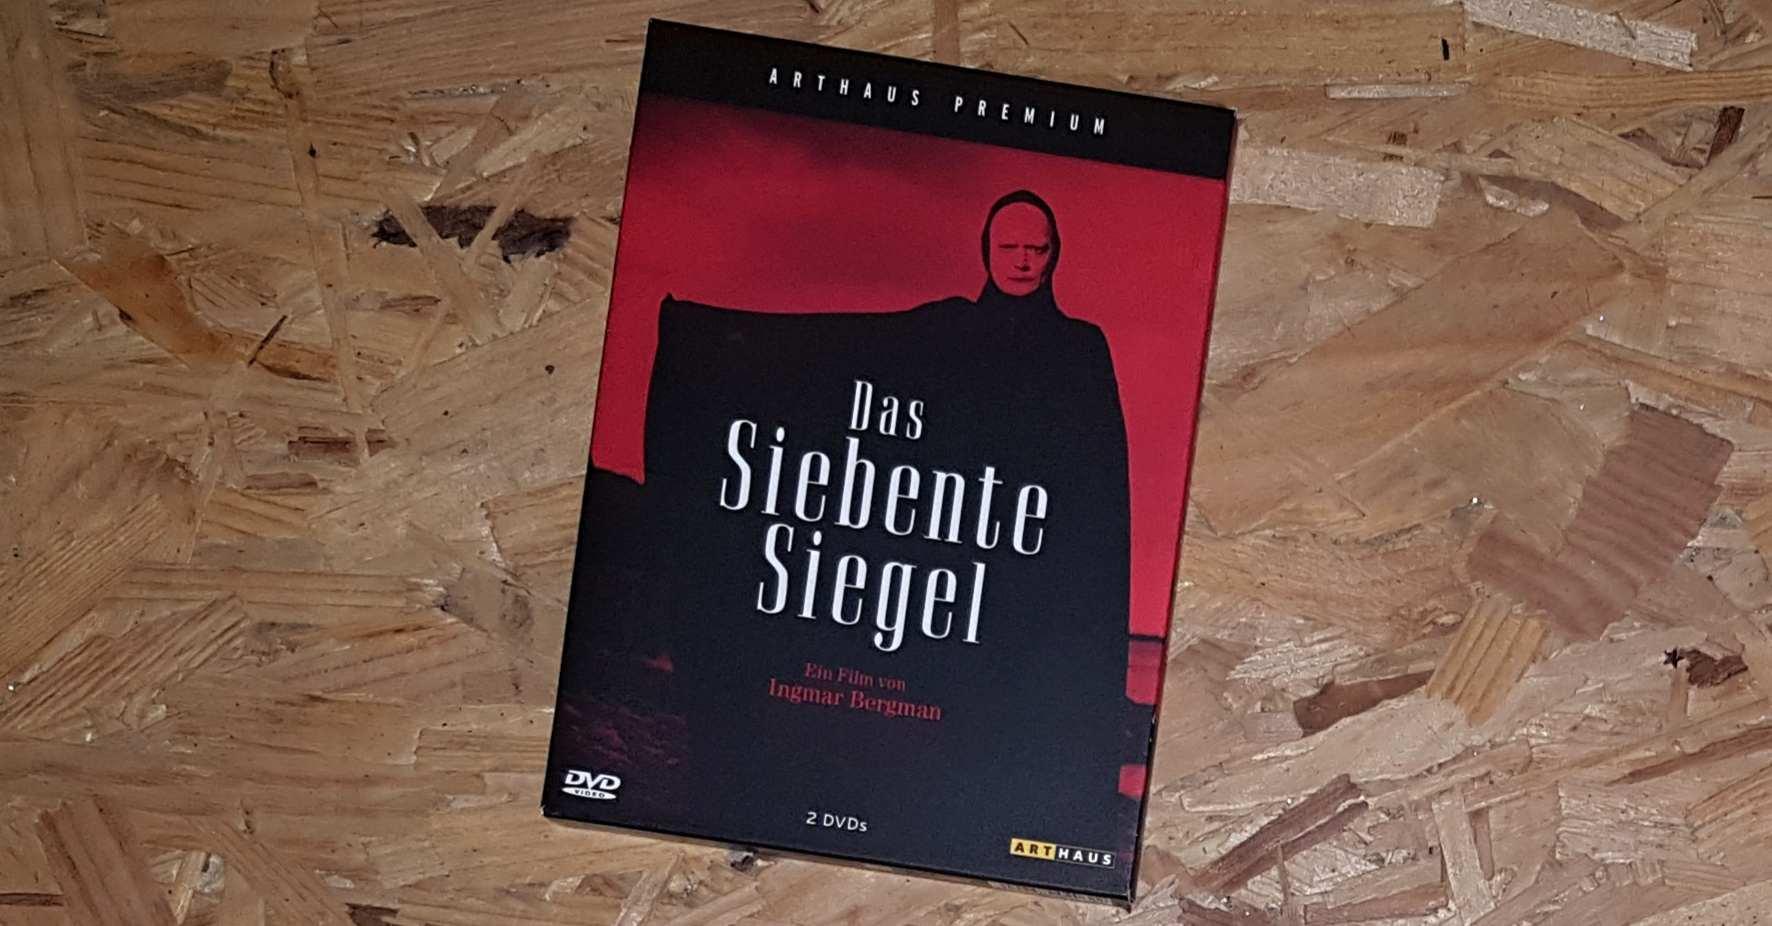 Das_siebente_Siegel-Packshot-DVD-Arthaus-Premiums